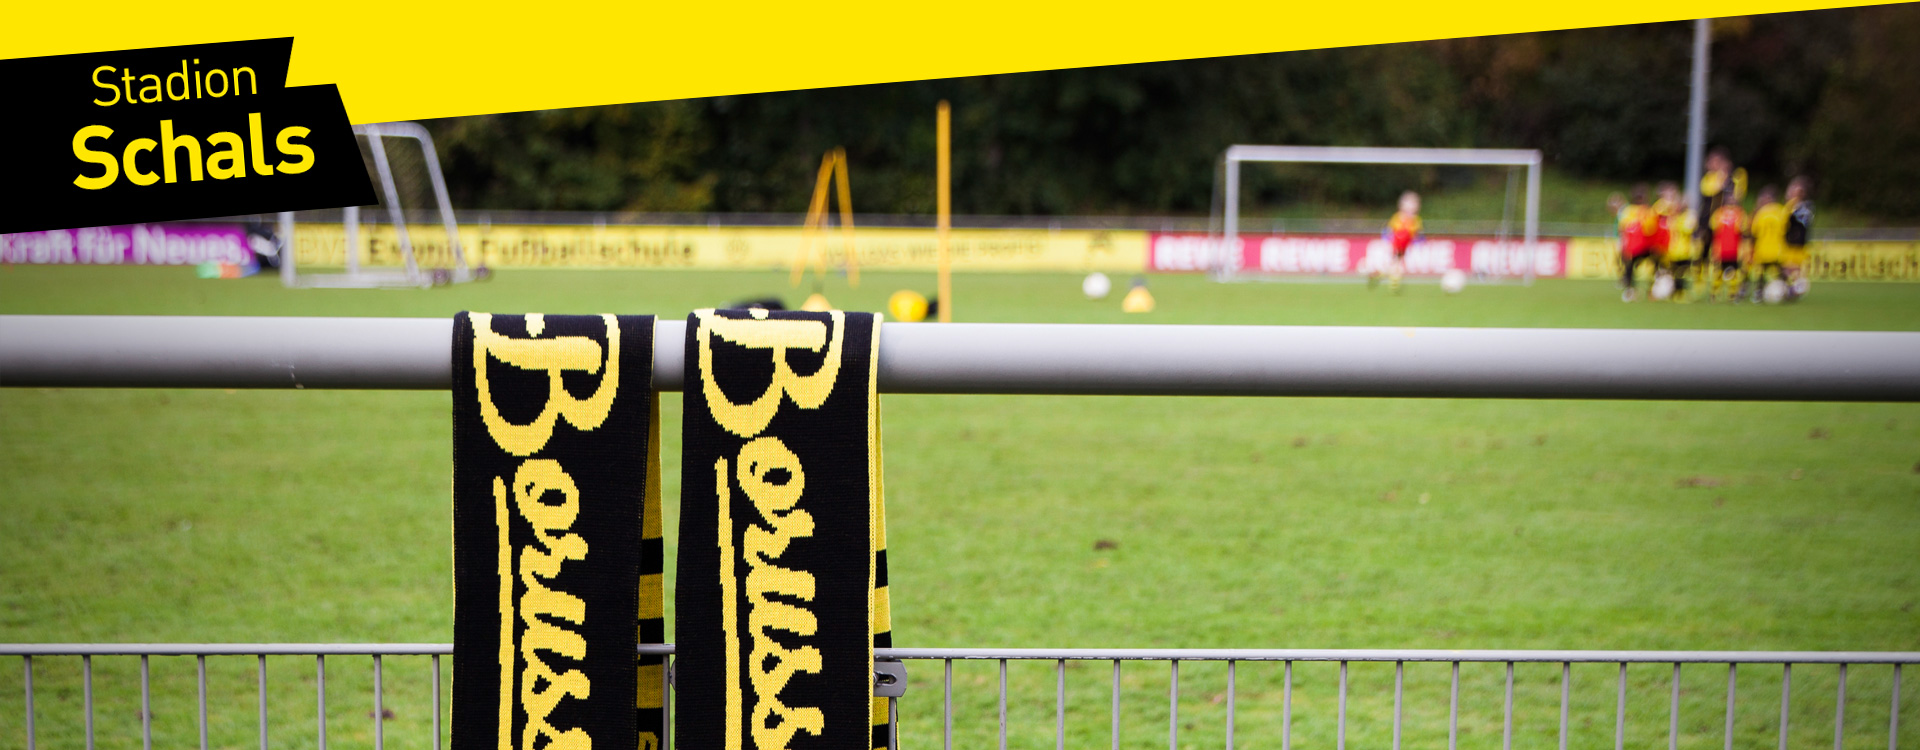 Stadion-Schals